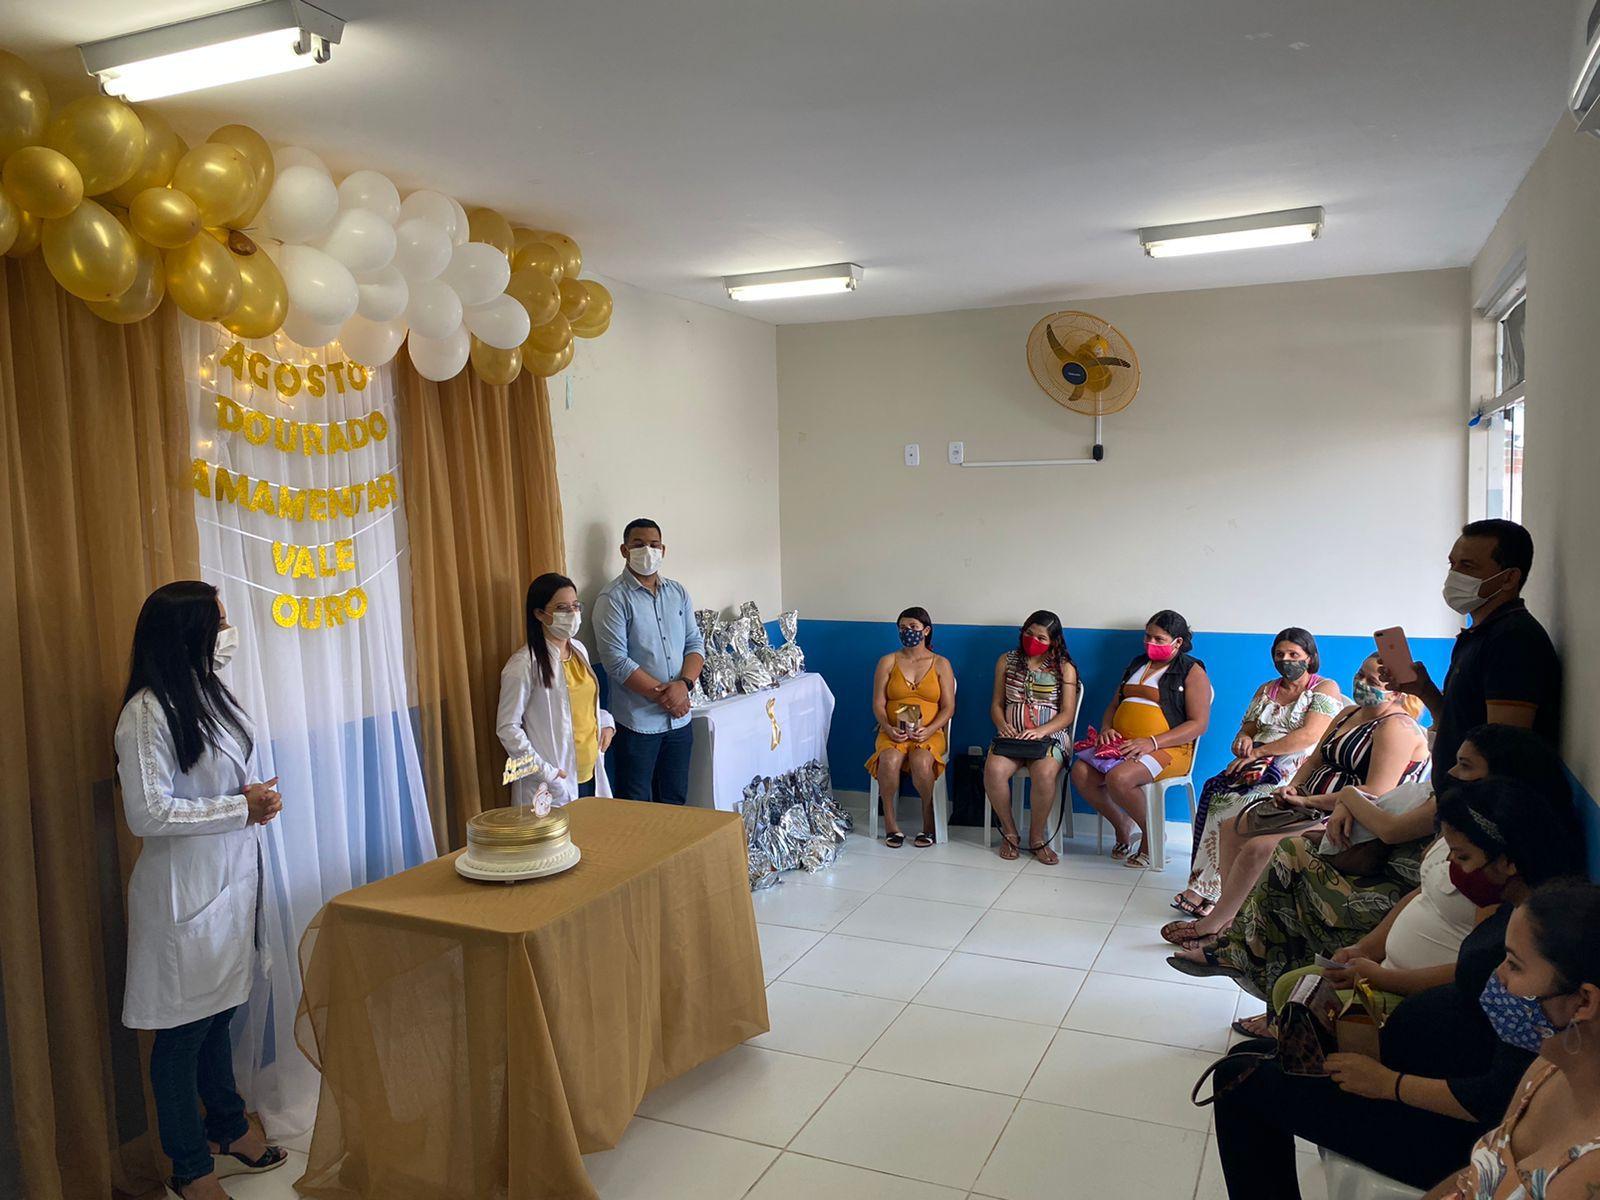 Secretaria de Saúde realiza campanha de incentivo à amamentação. AGOSTO DOURADO